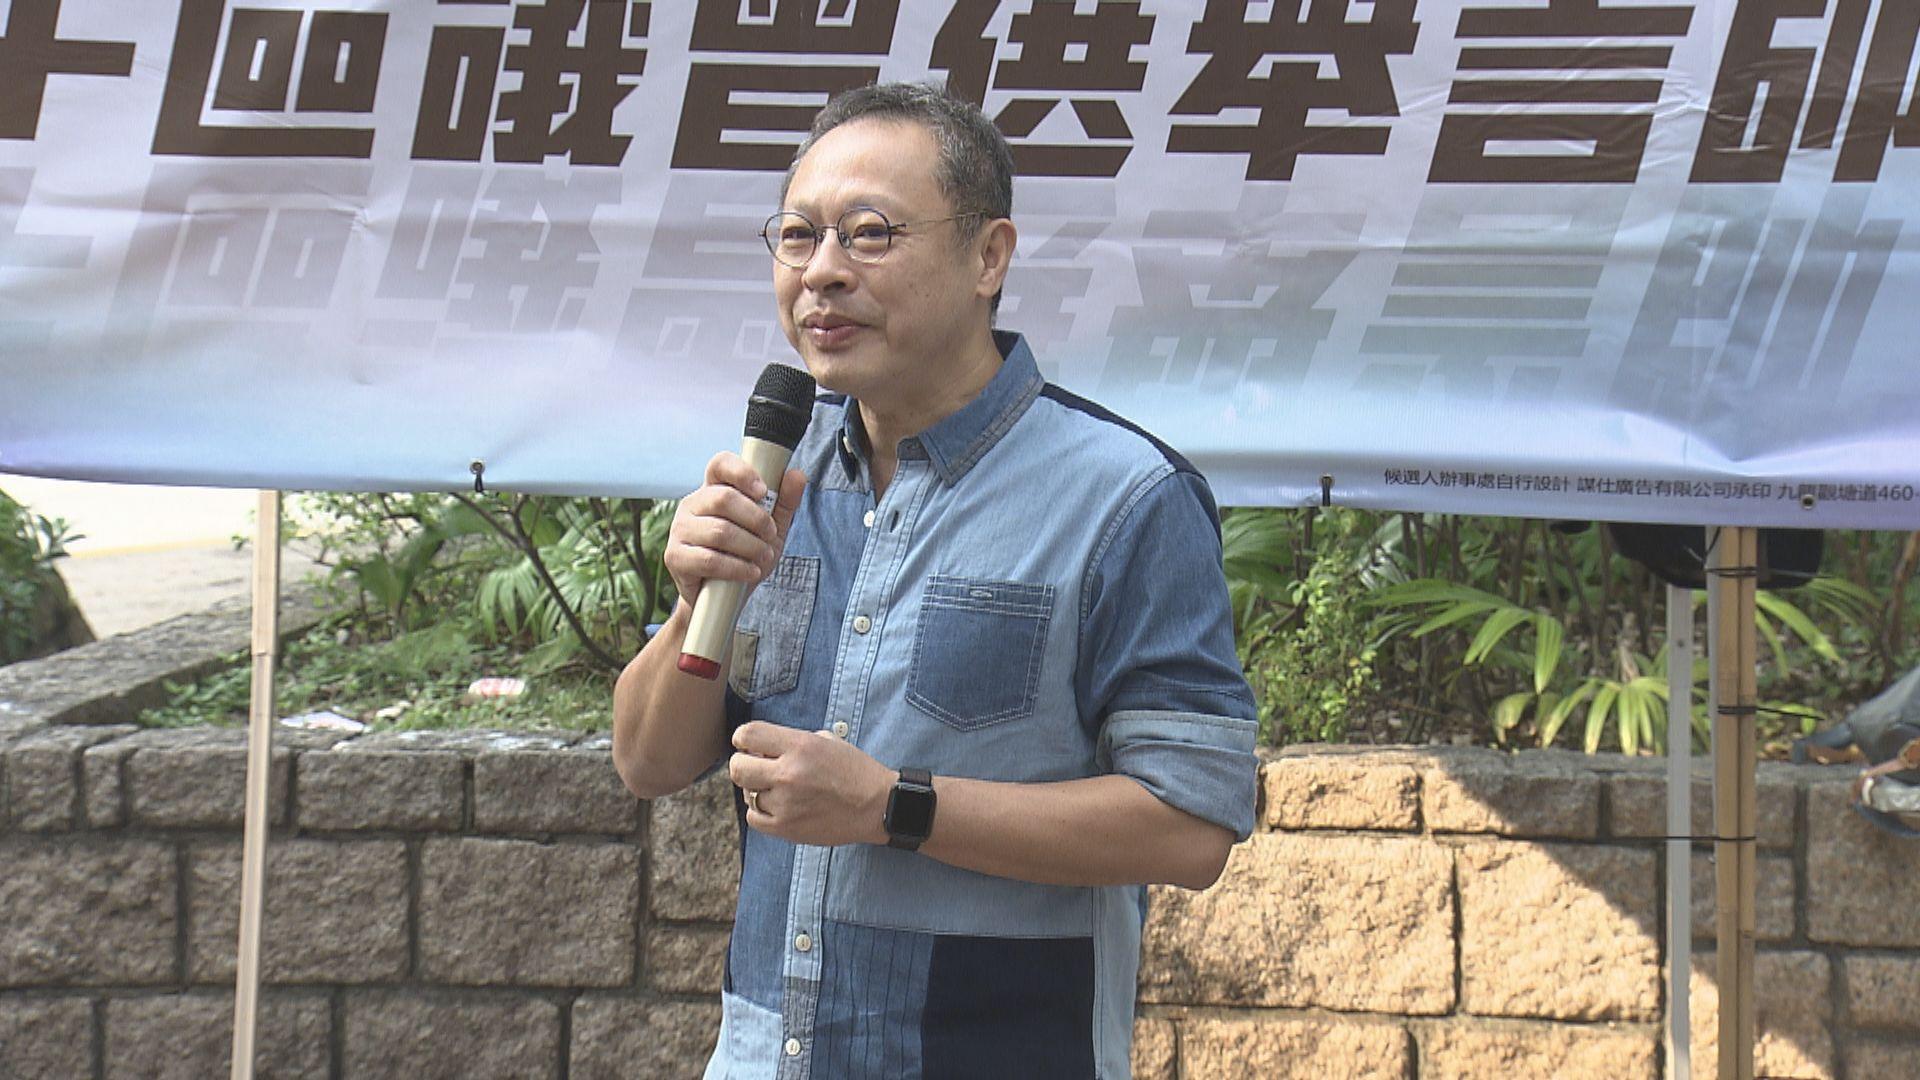 消息︰港大校委會大比數通過解僱戴耀廷